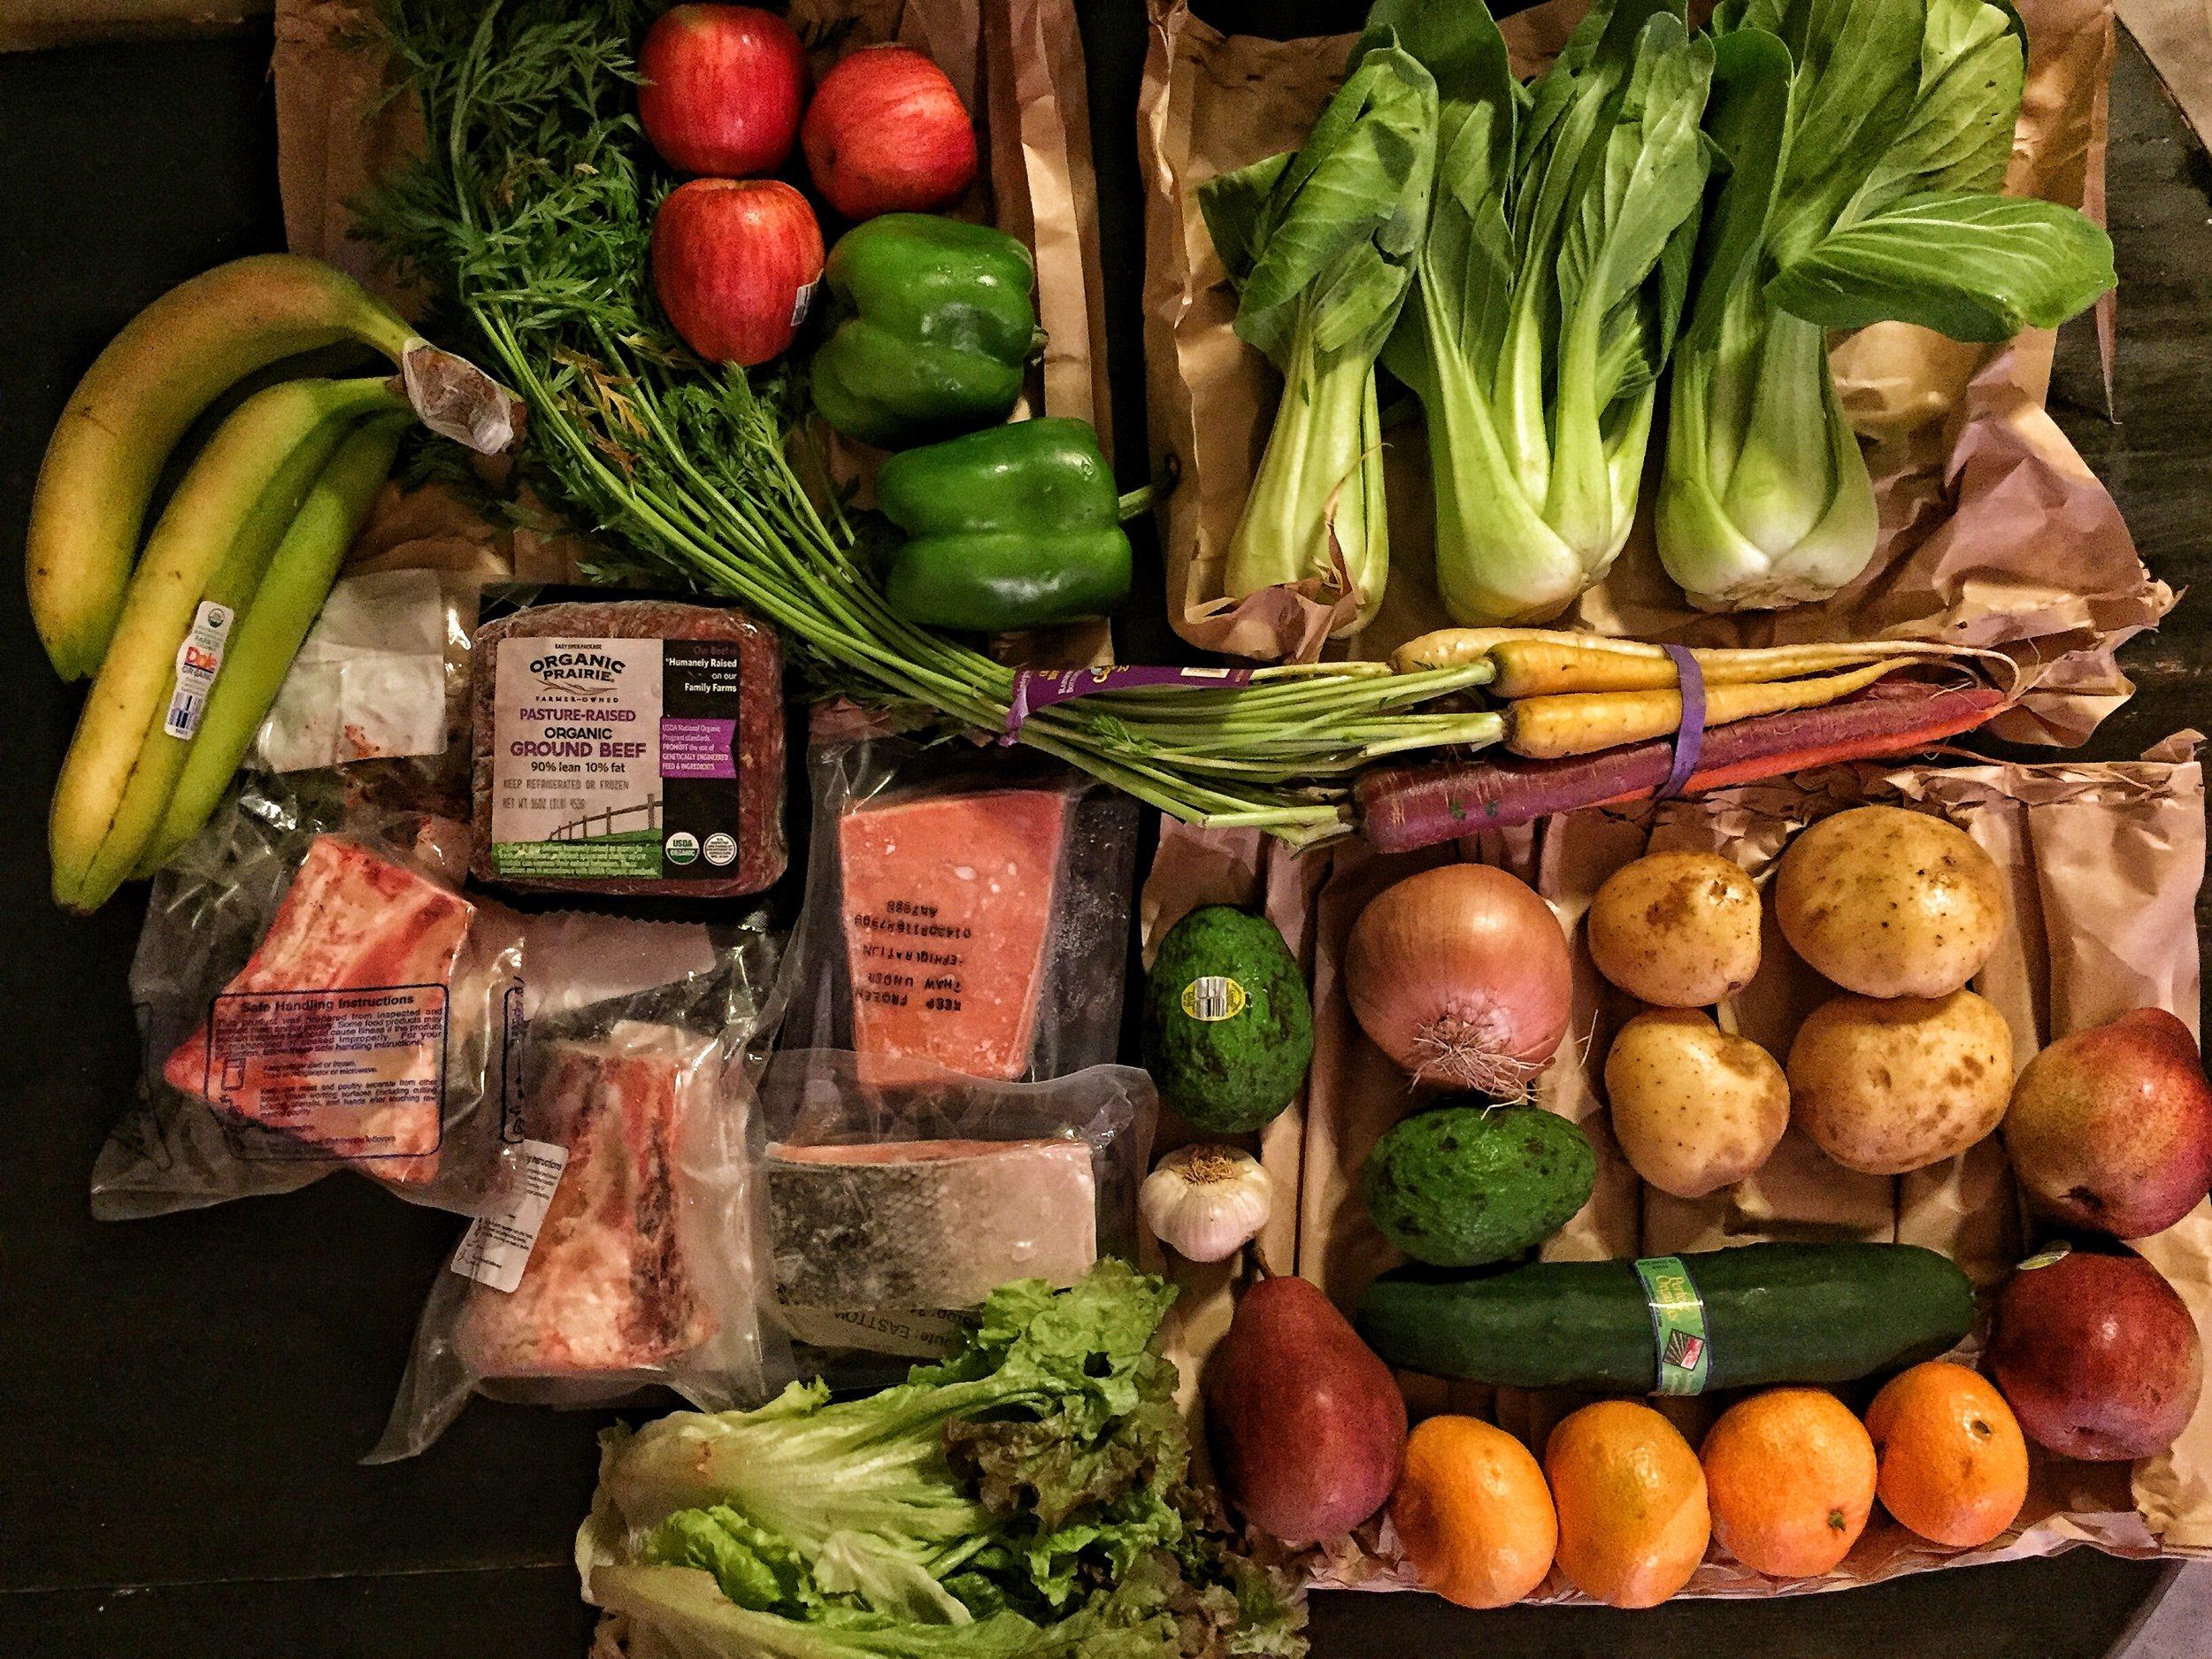 Door-to-Door Organics First Order. Costs was around $67.